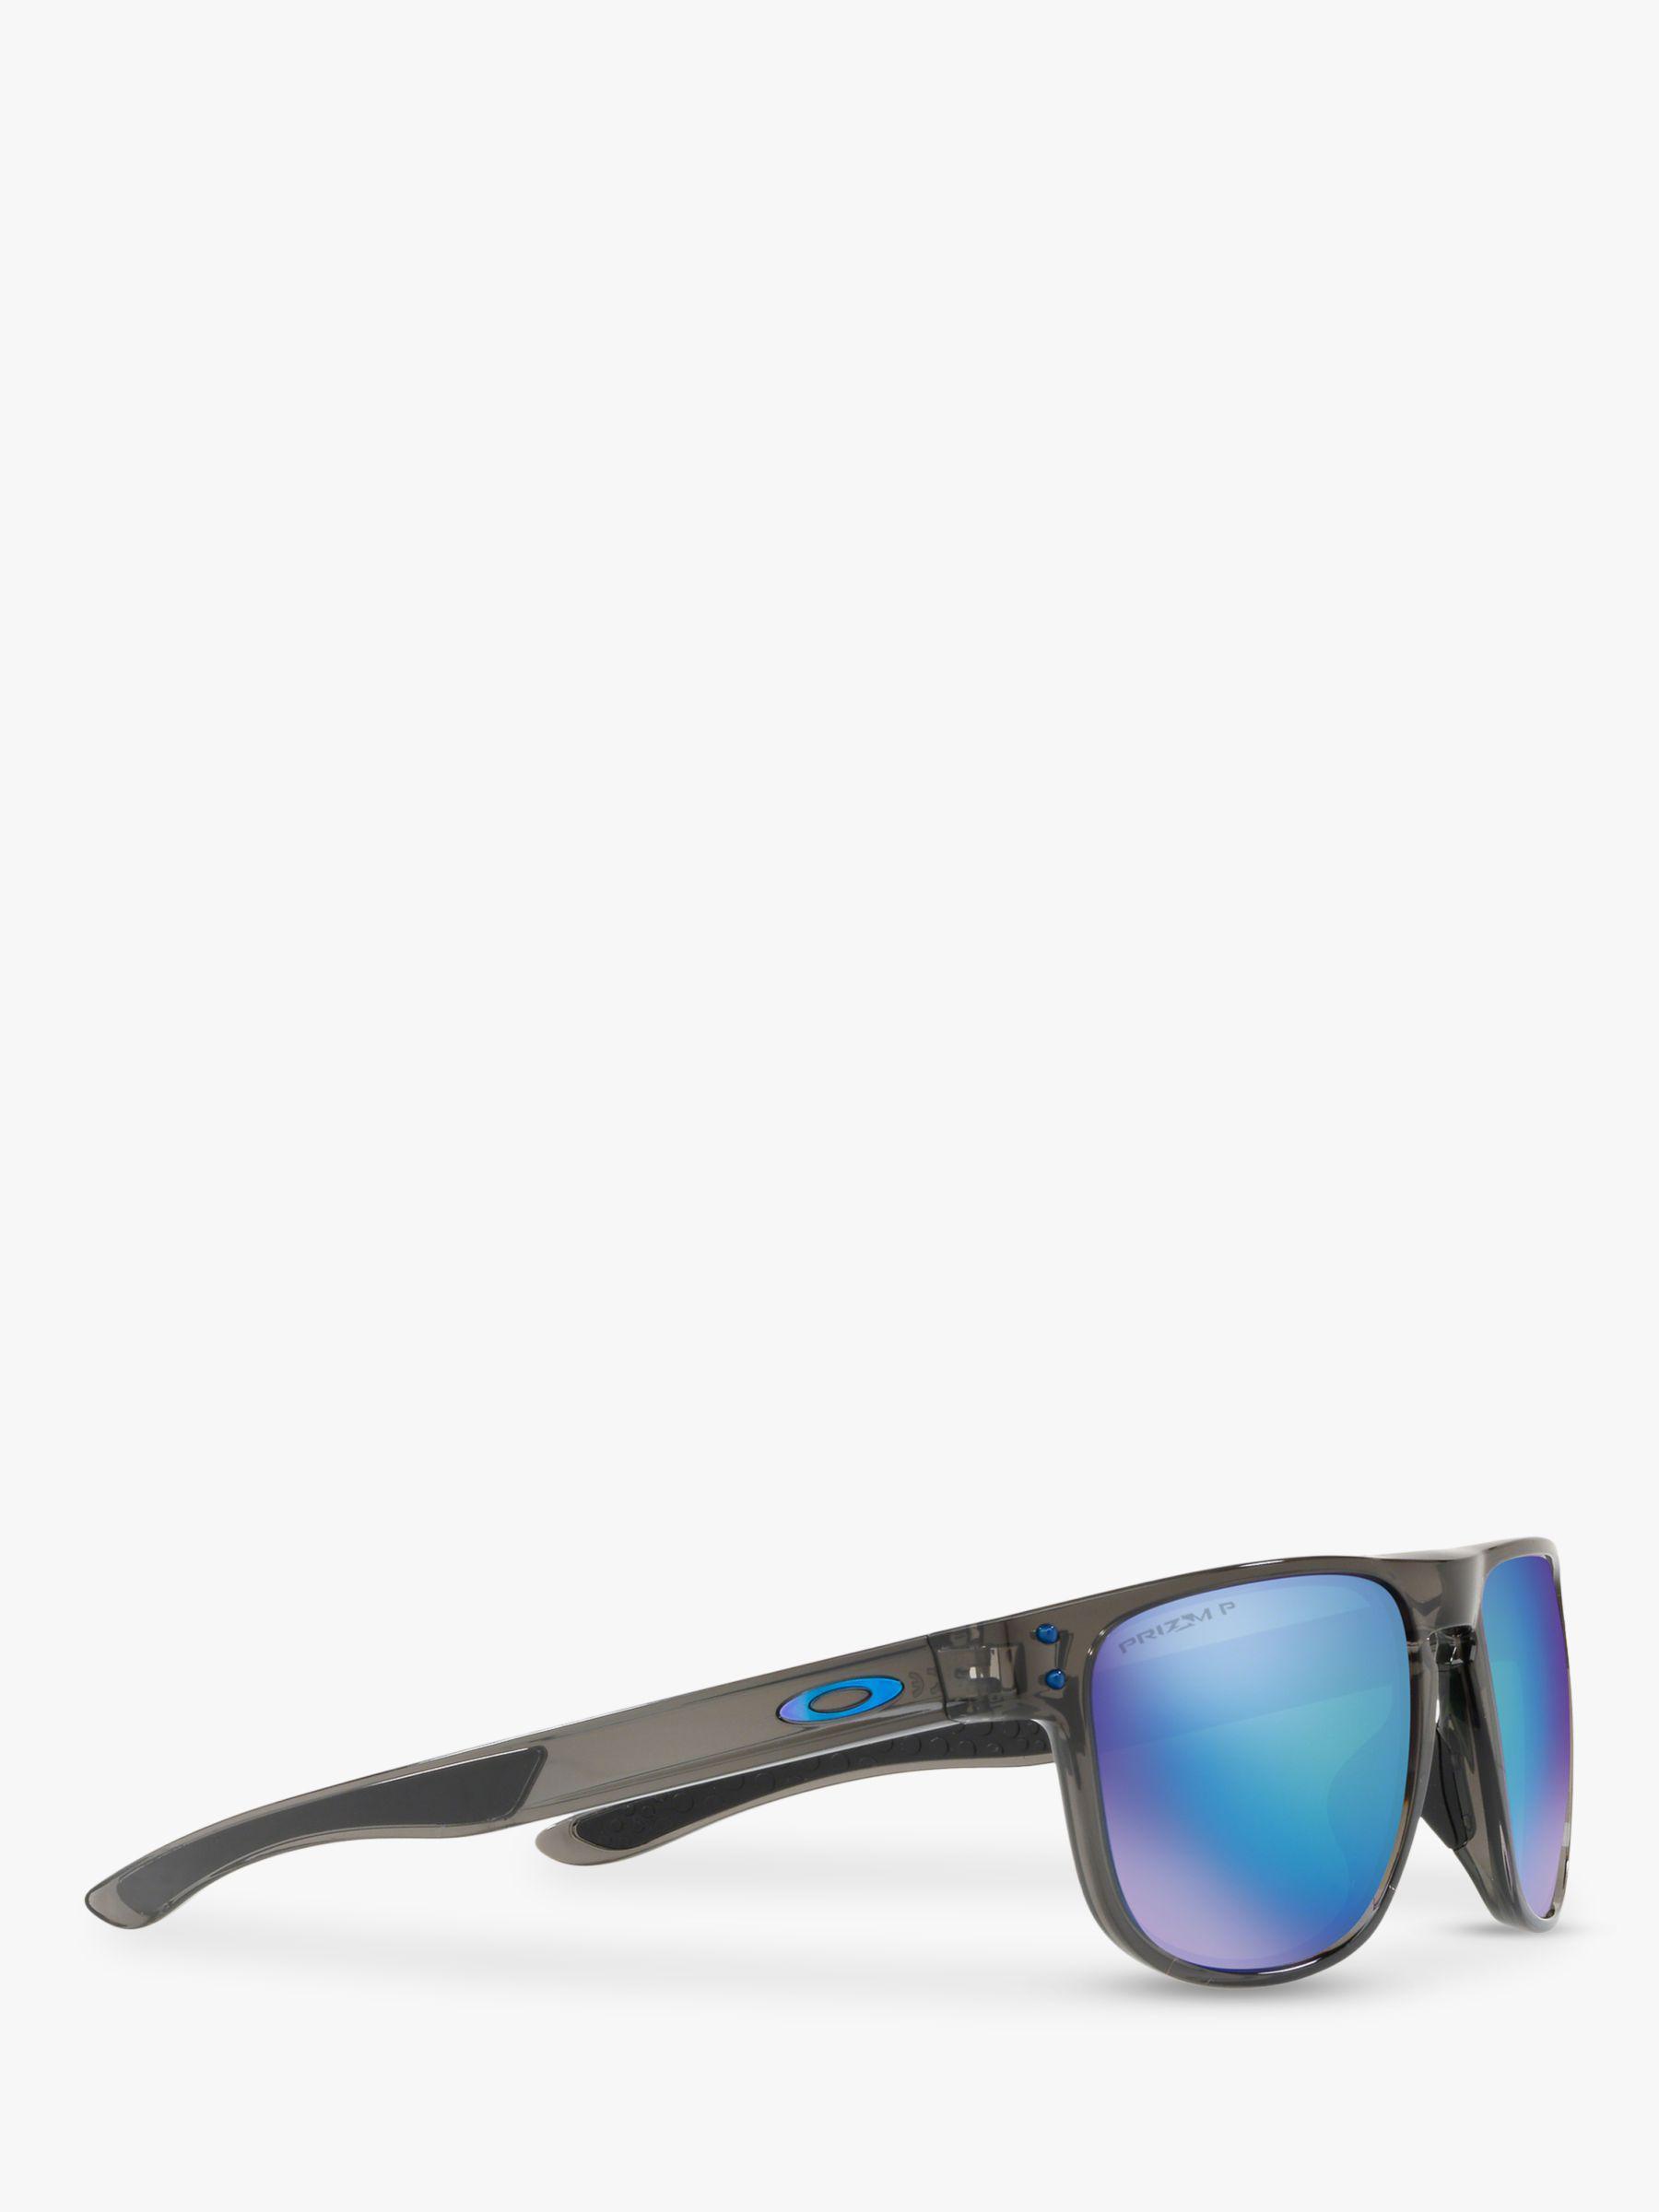 9eb804a9de Oakley Oo9377 Men s Holbrook Prizm Polarised Square Sunglasses in ...